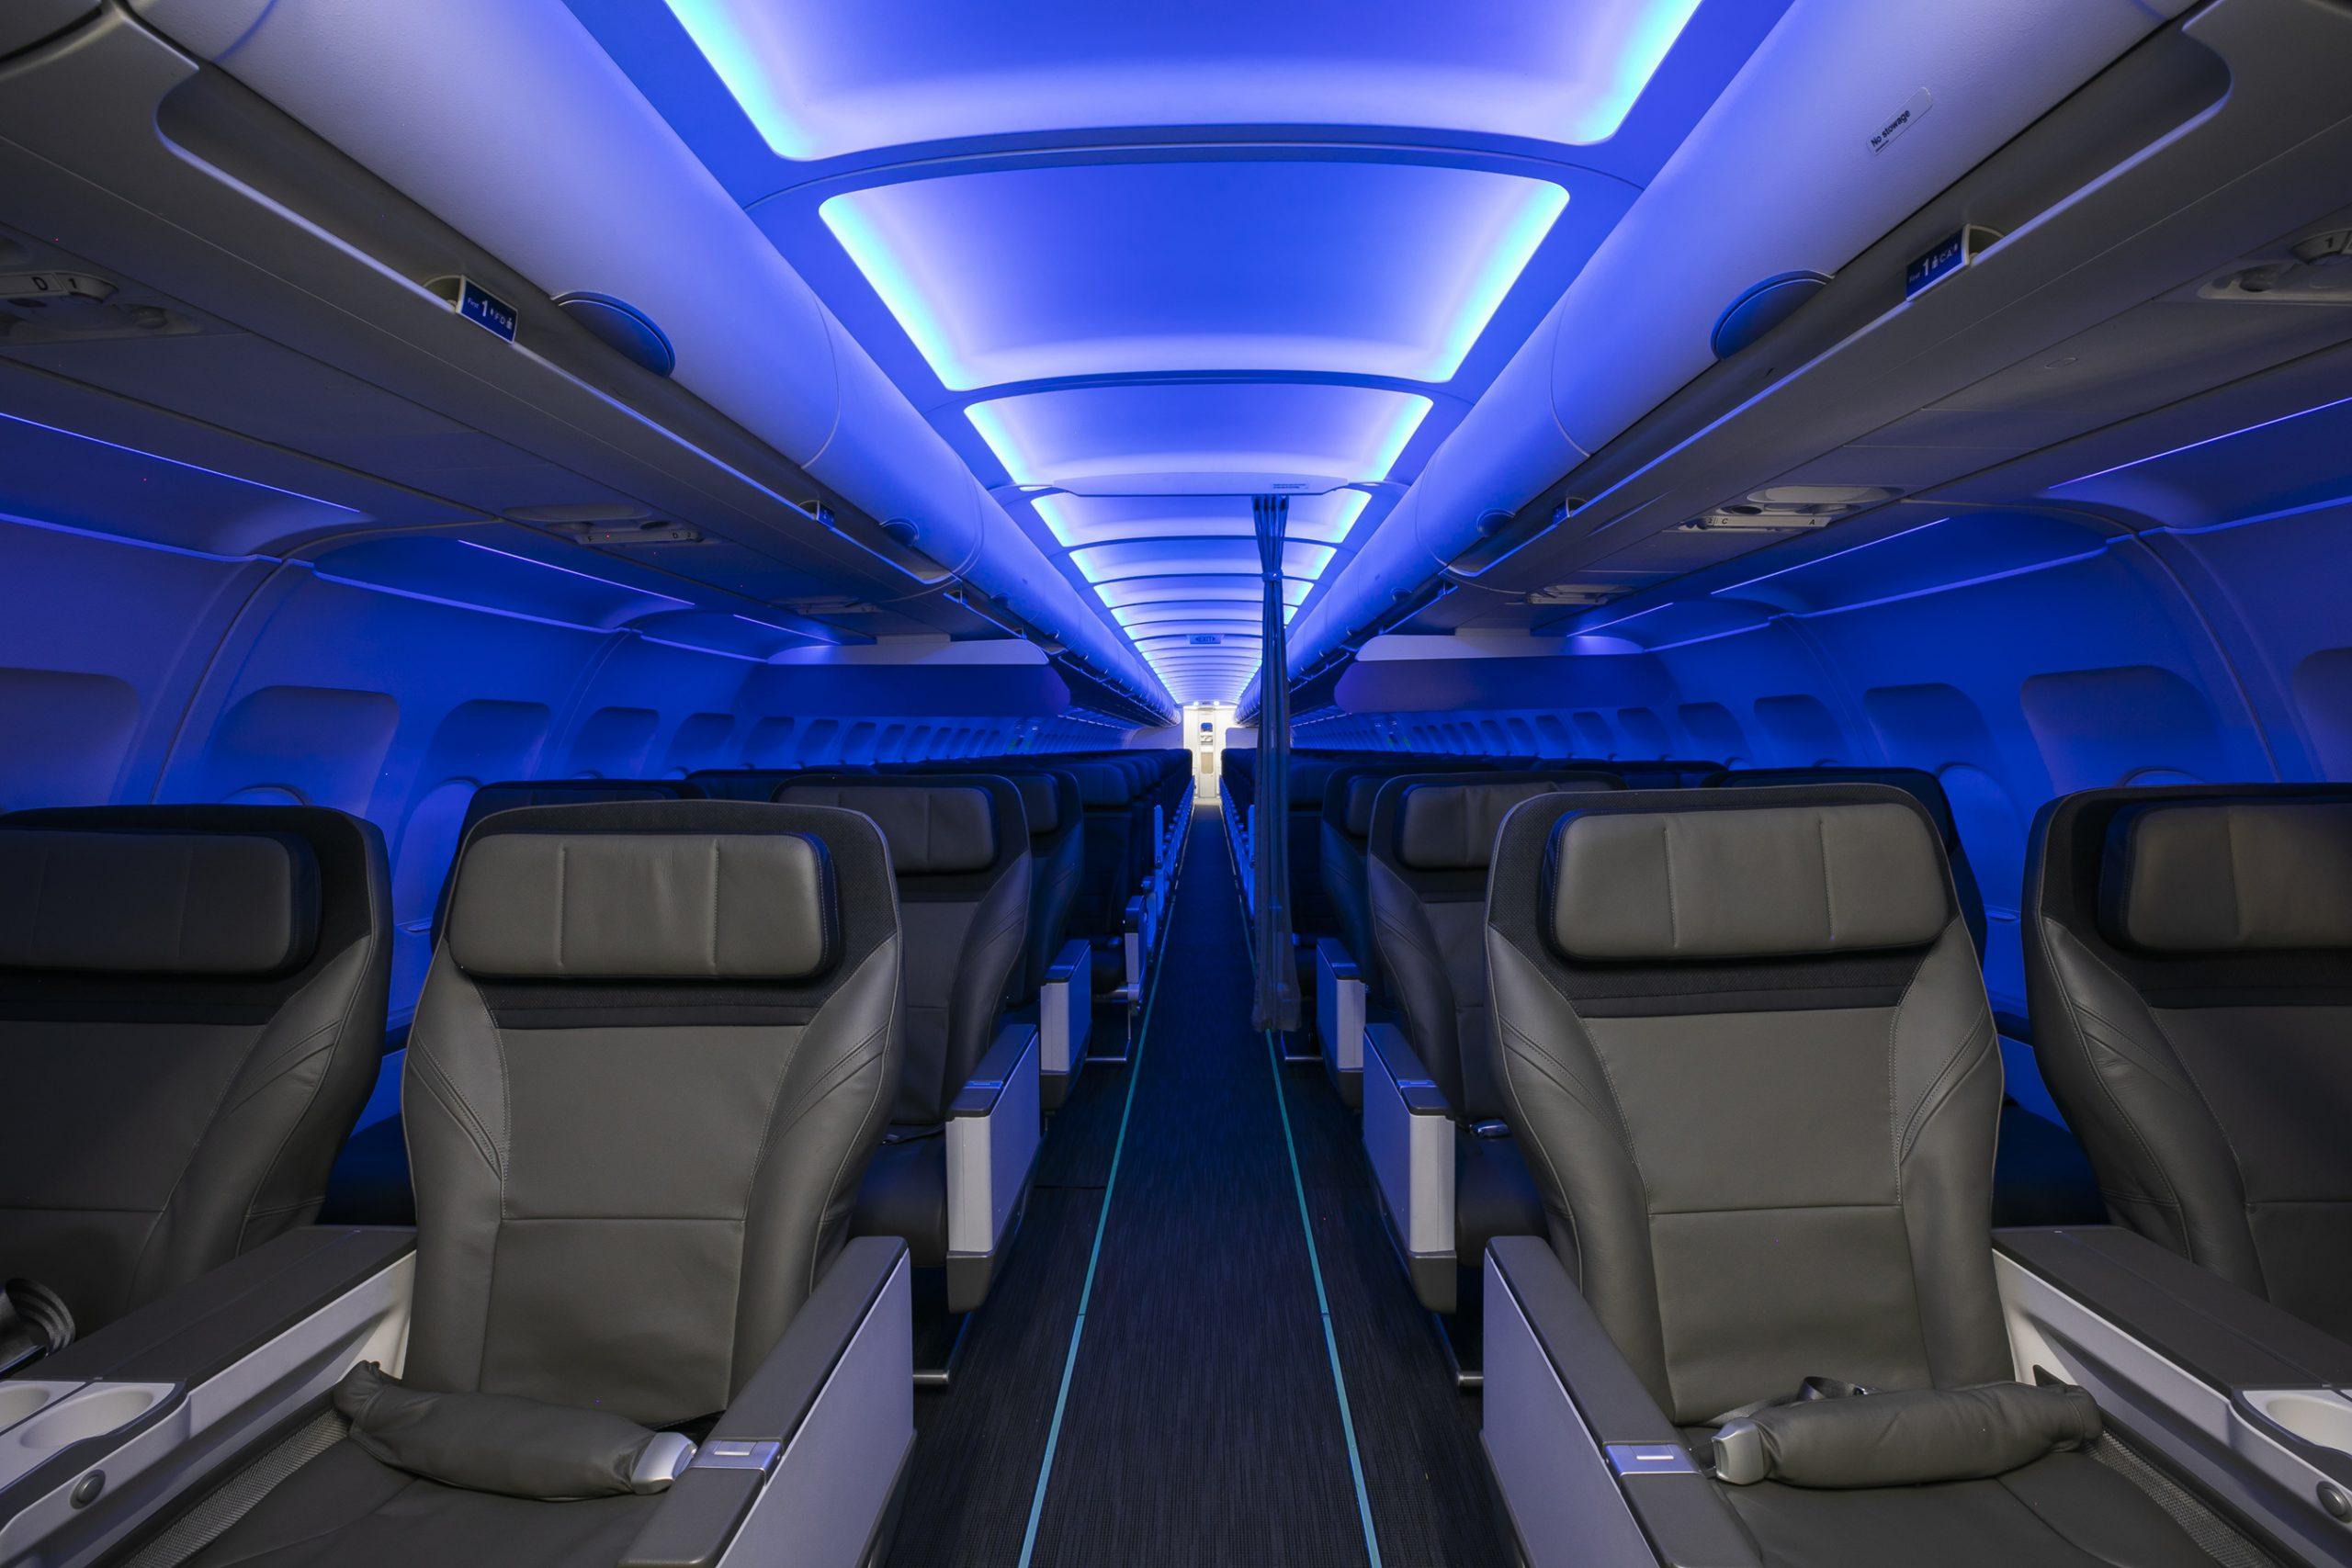 Kabinen i et fly fra amerikanske Alaska Airlines. Foto: Alaska Airlines